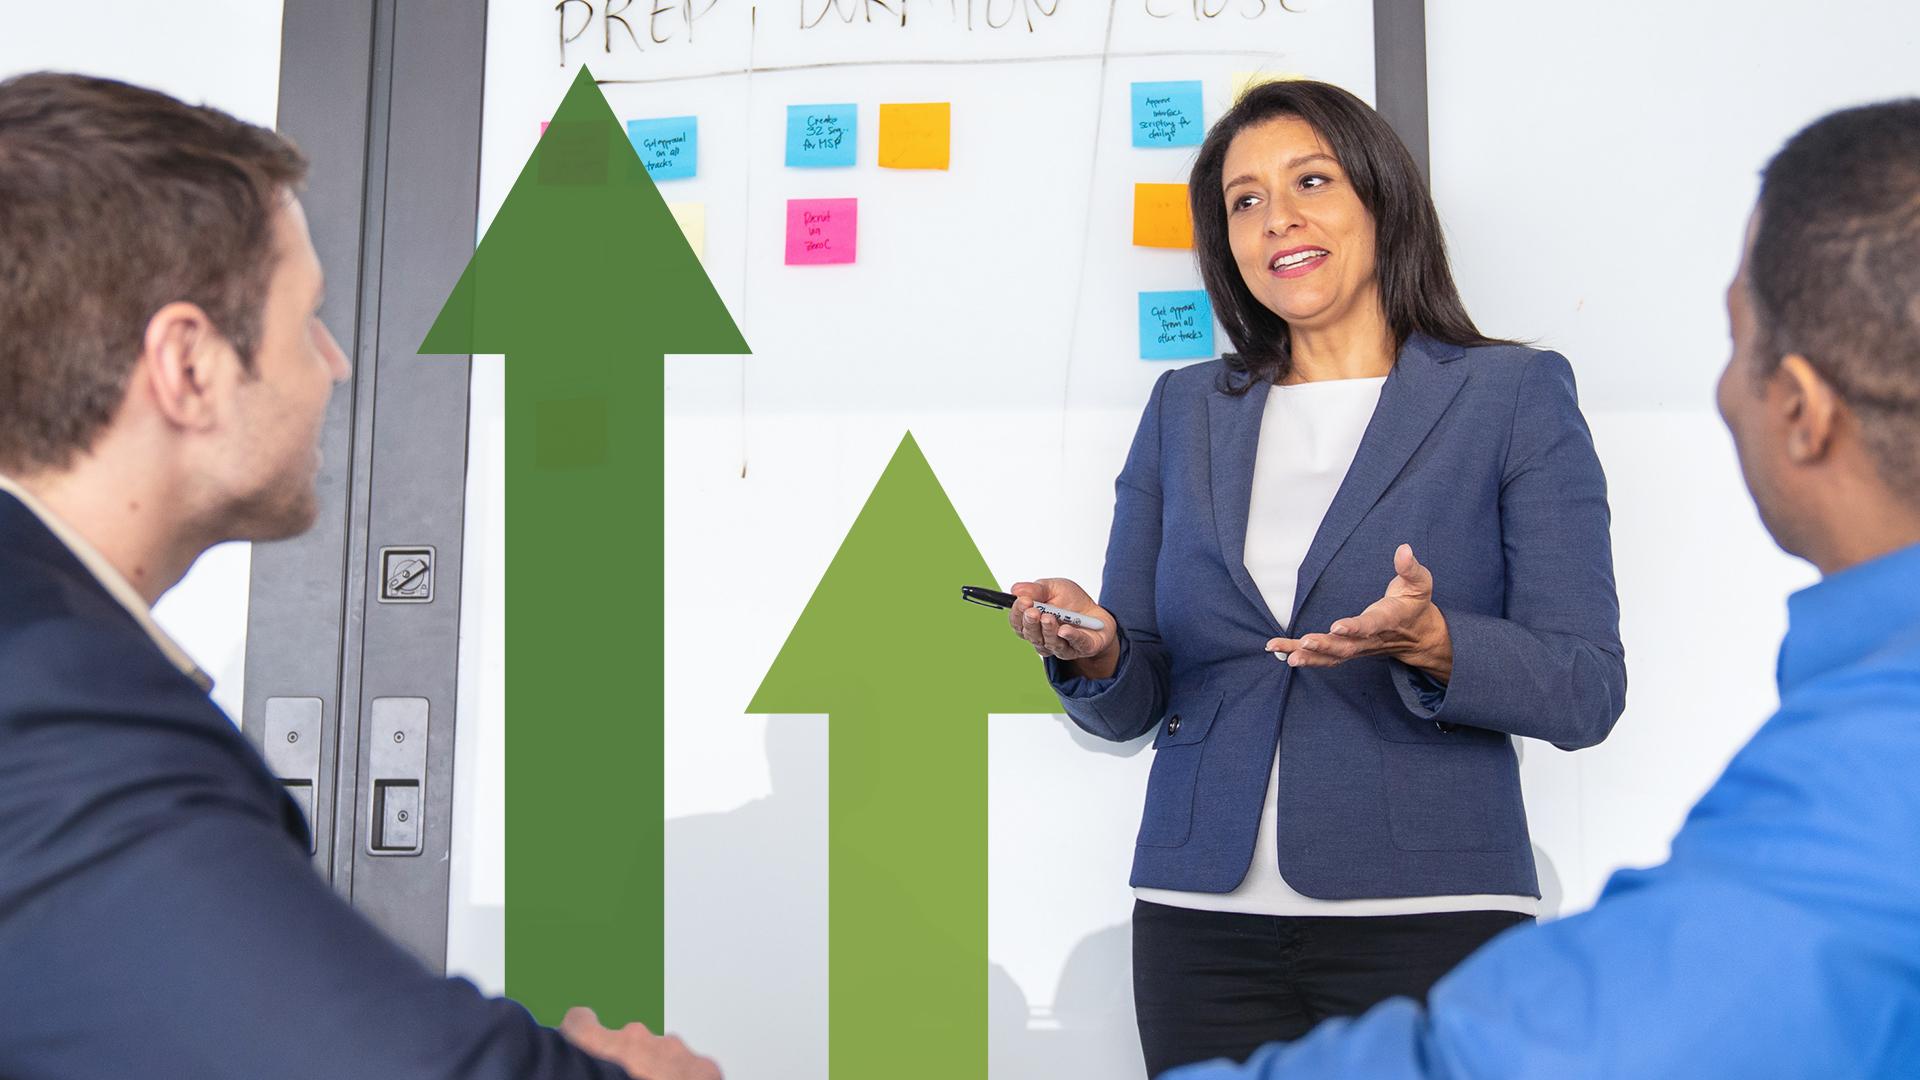 B2B Marketing Online Courses | LinkedIn Learning, formerly Lynda com